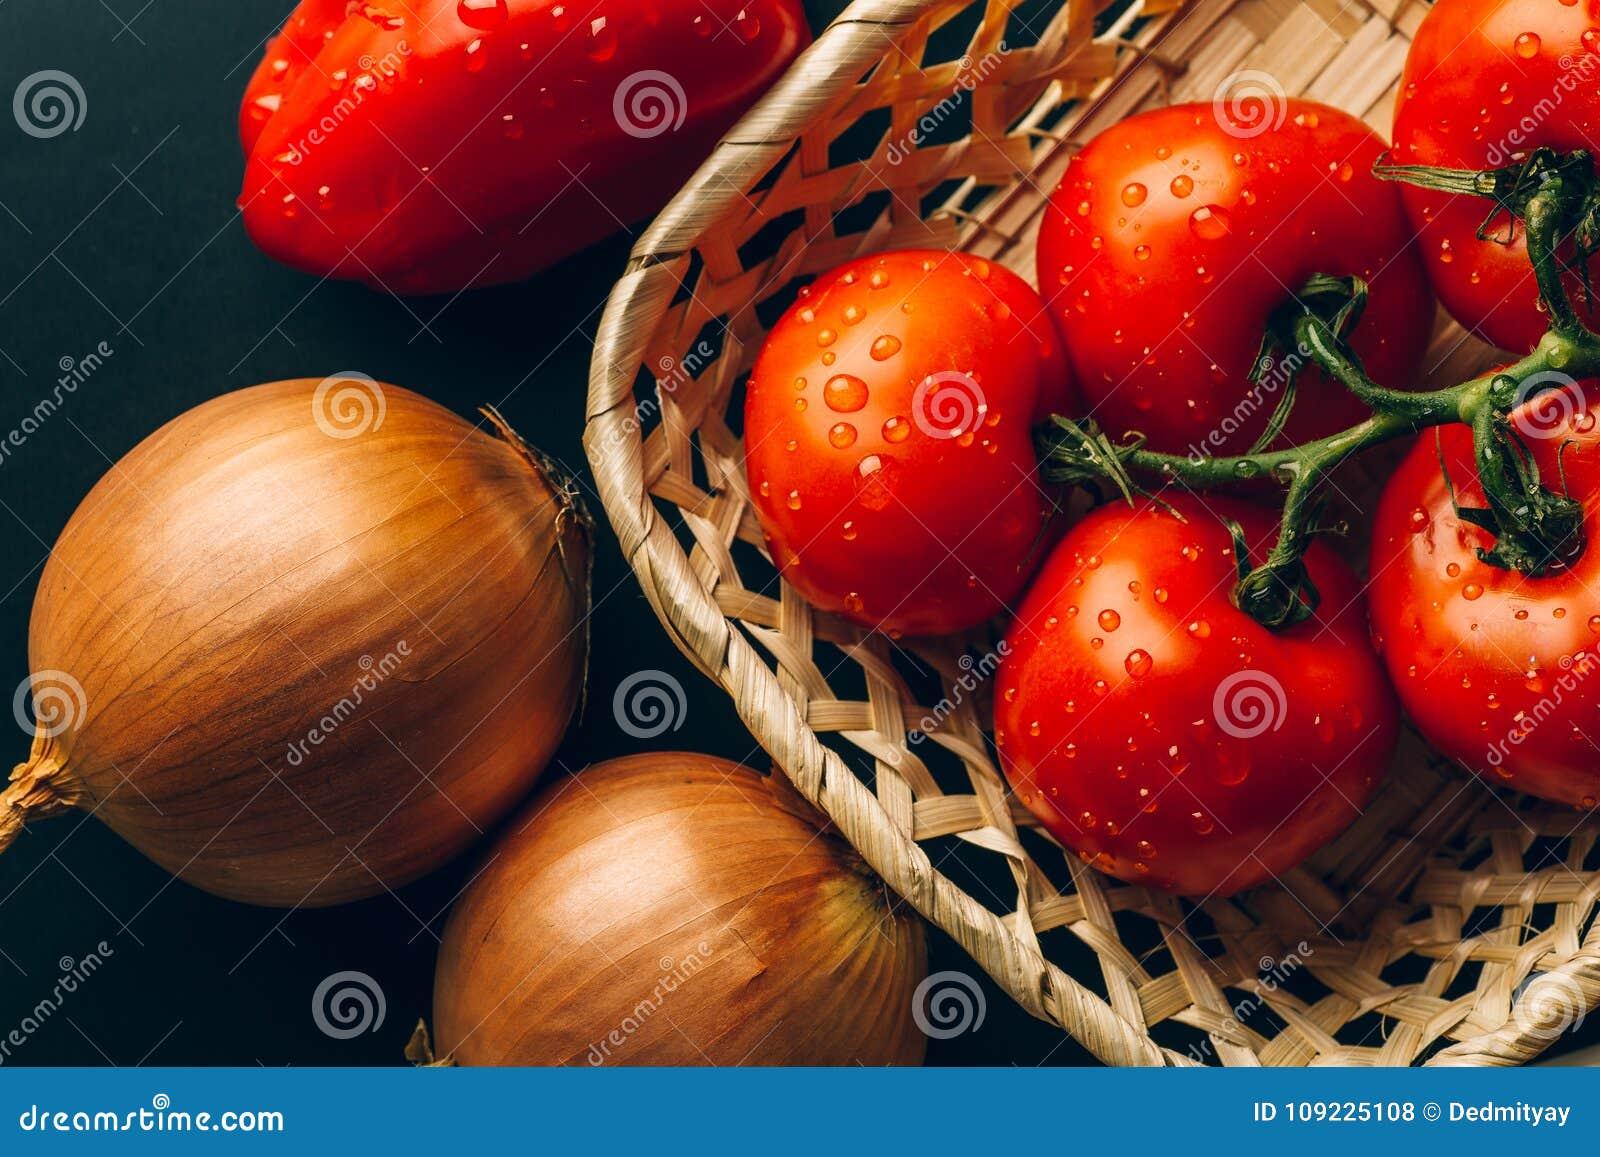 Tomates molhados frescos nas gotas da água, cebola dourada, pimenta de sino, vista superior